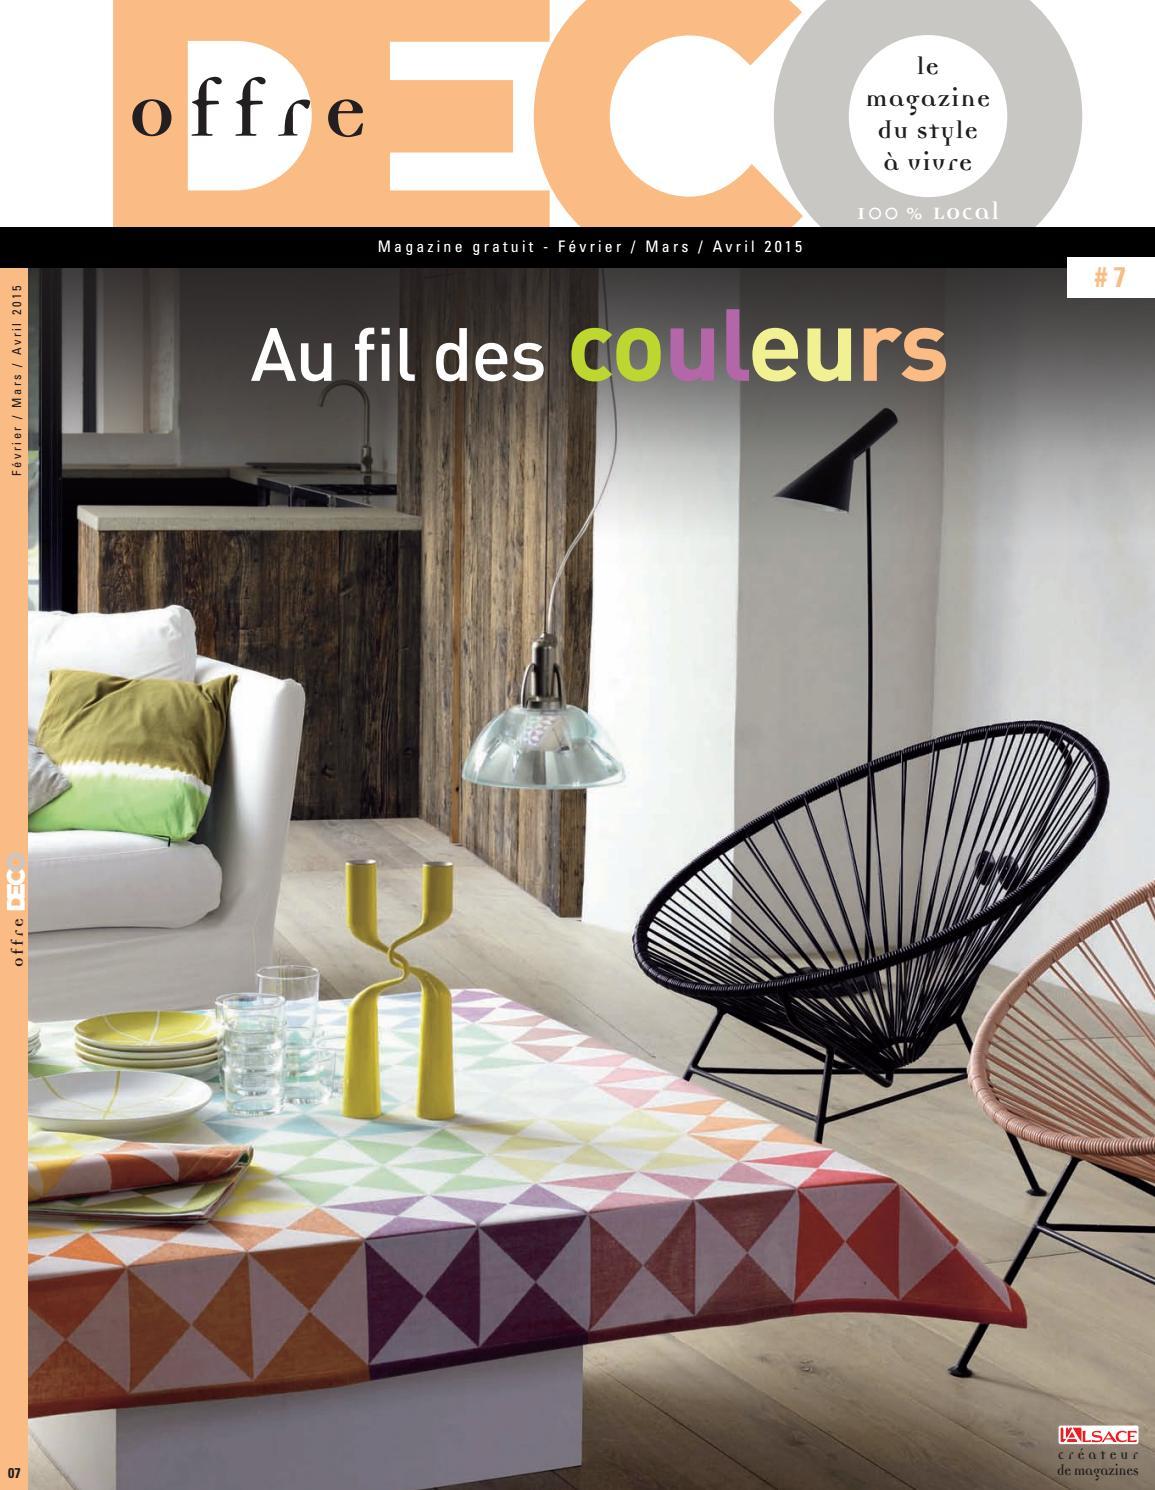 page 1 Résultat Supérieur 1 Beau Mini Canape Convertible Und Achat Oeuvre Street Art Pour Salon De Jardin Image 2017 Hyt4